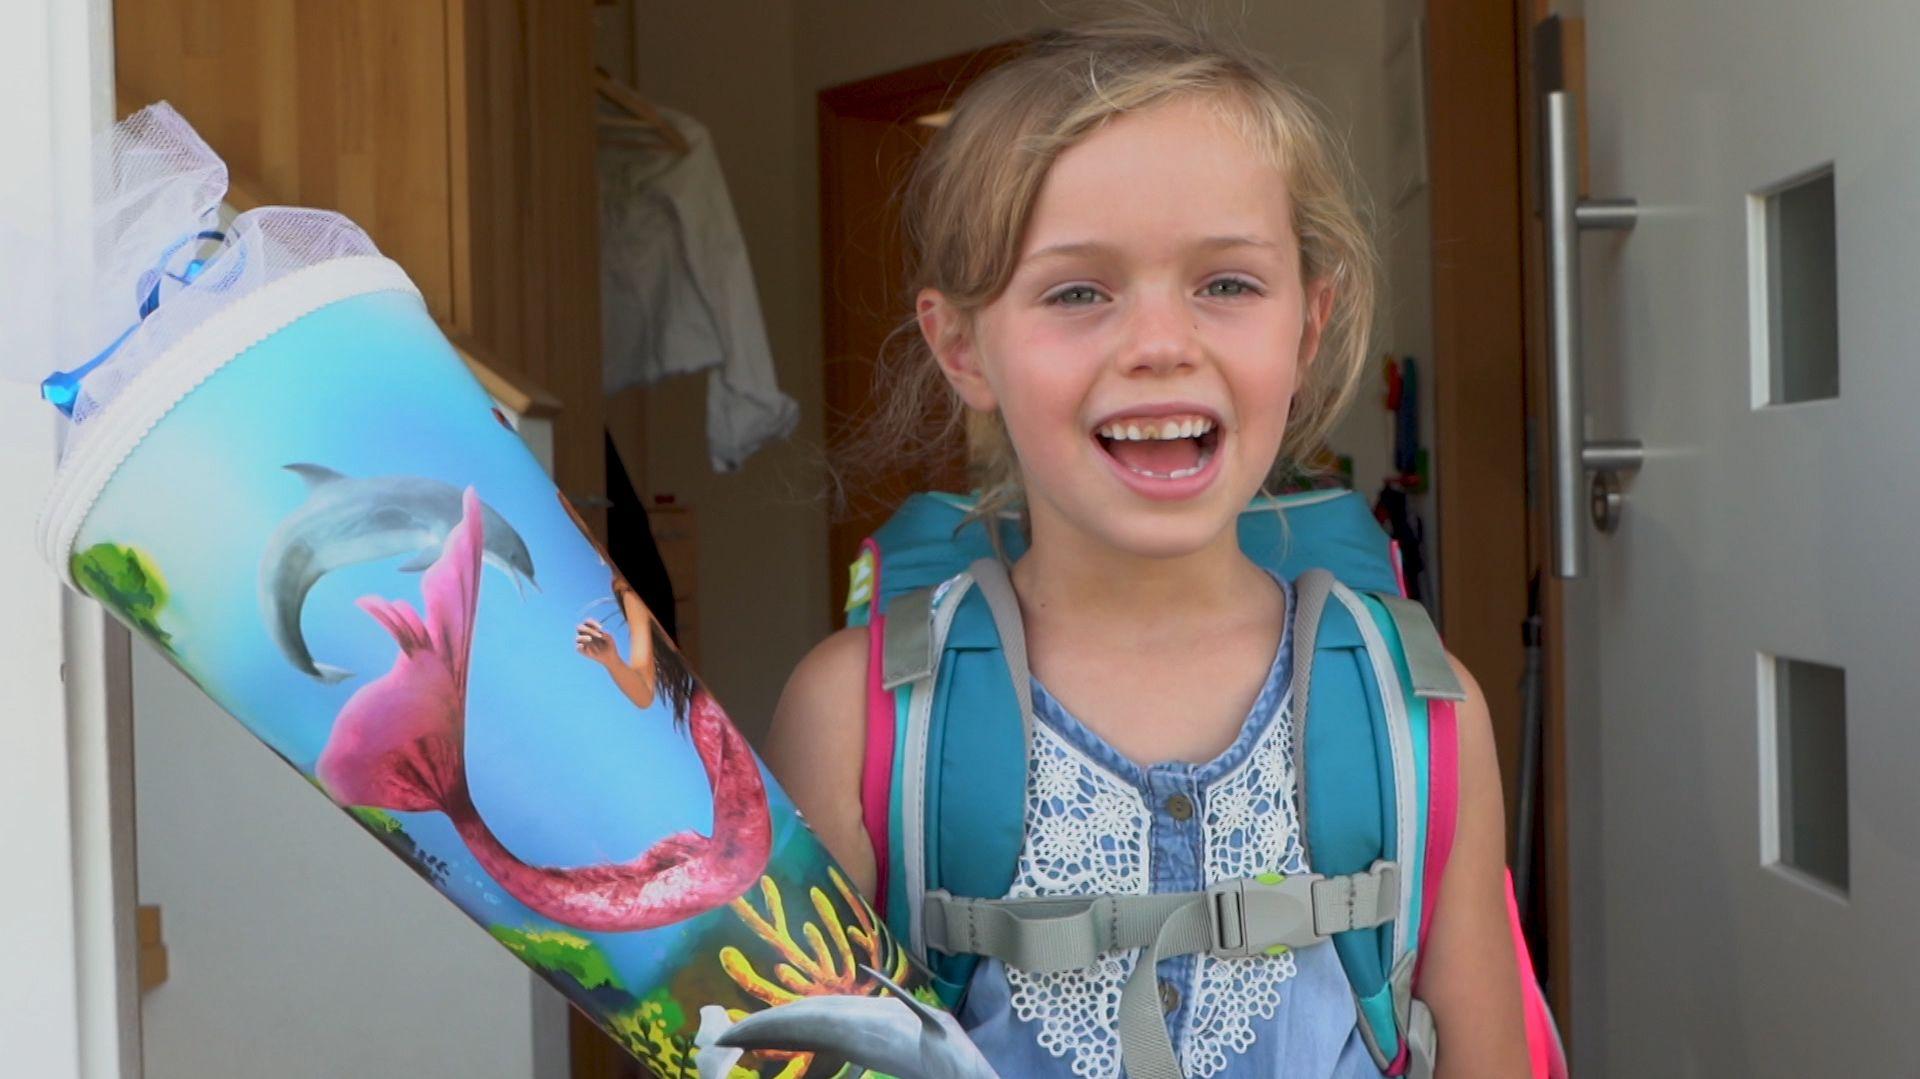 Baldige Schülerin Hanna mit Schultüte